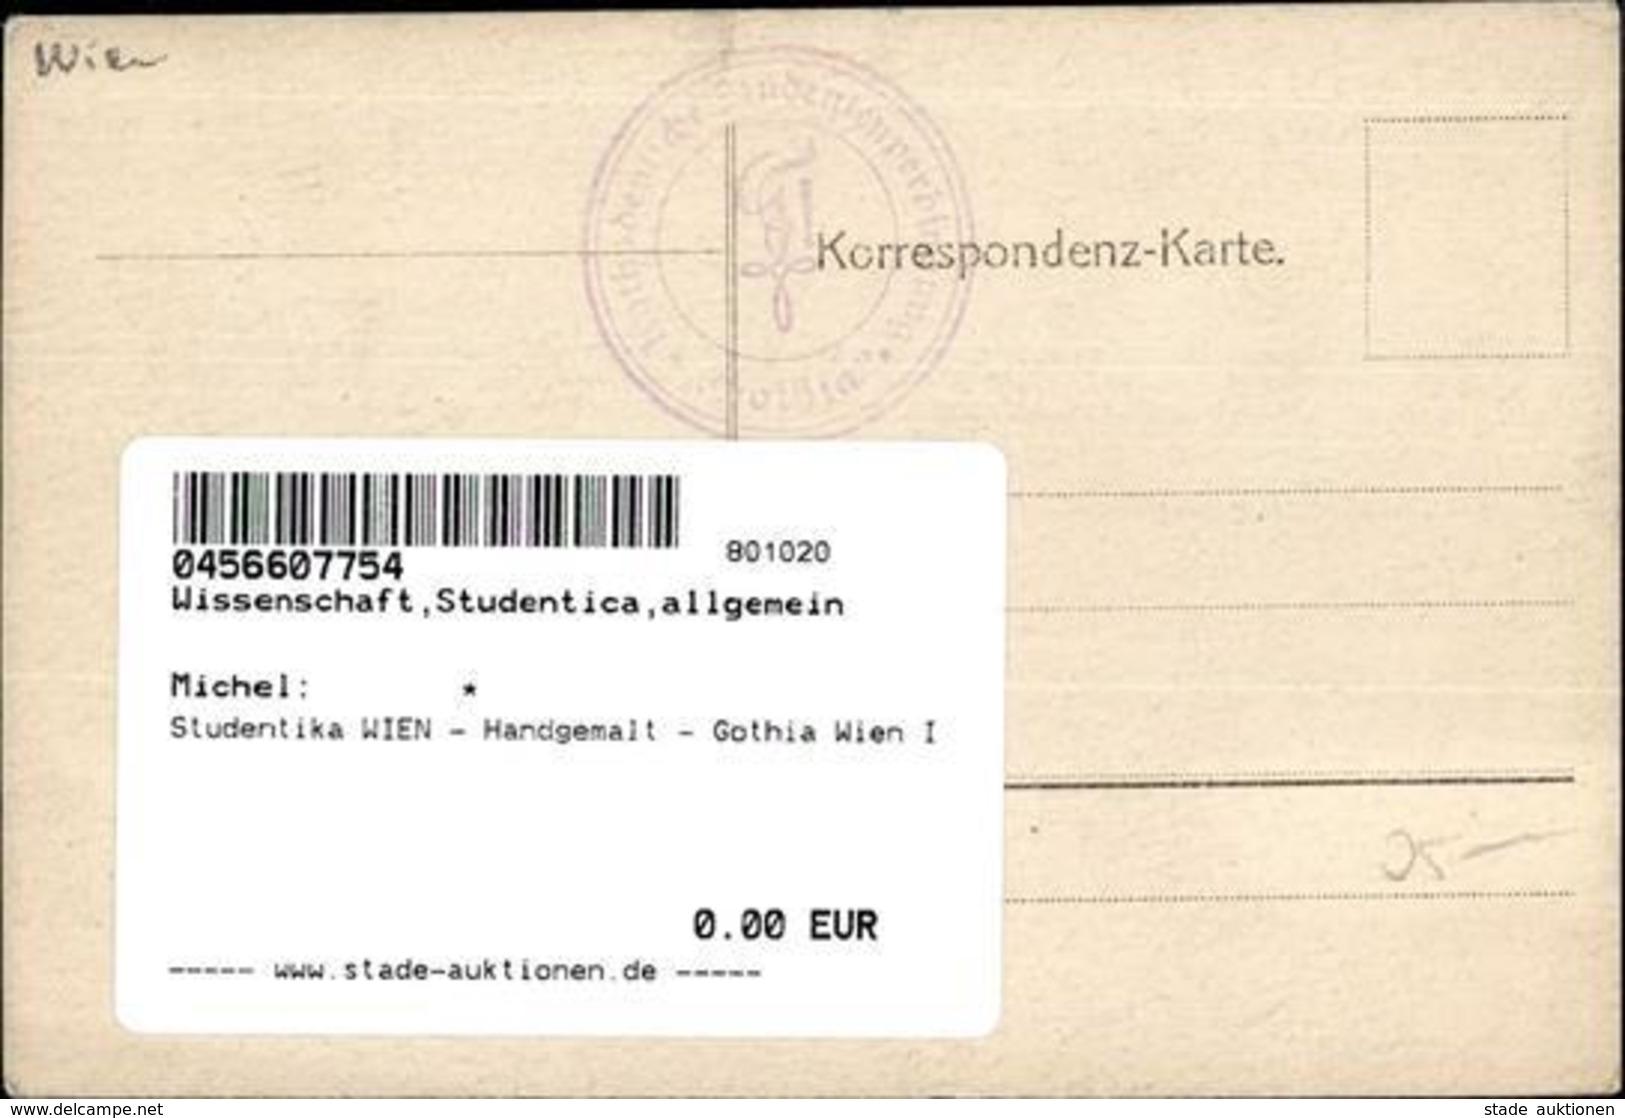 Studentika WIEN - Handgemalt - Gothia Wien I Peint à La Main - Schulen